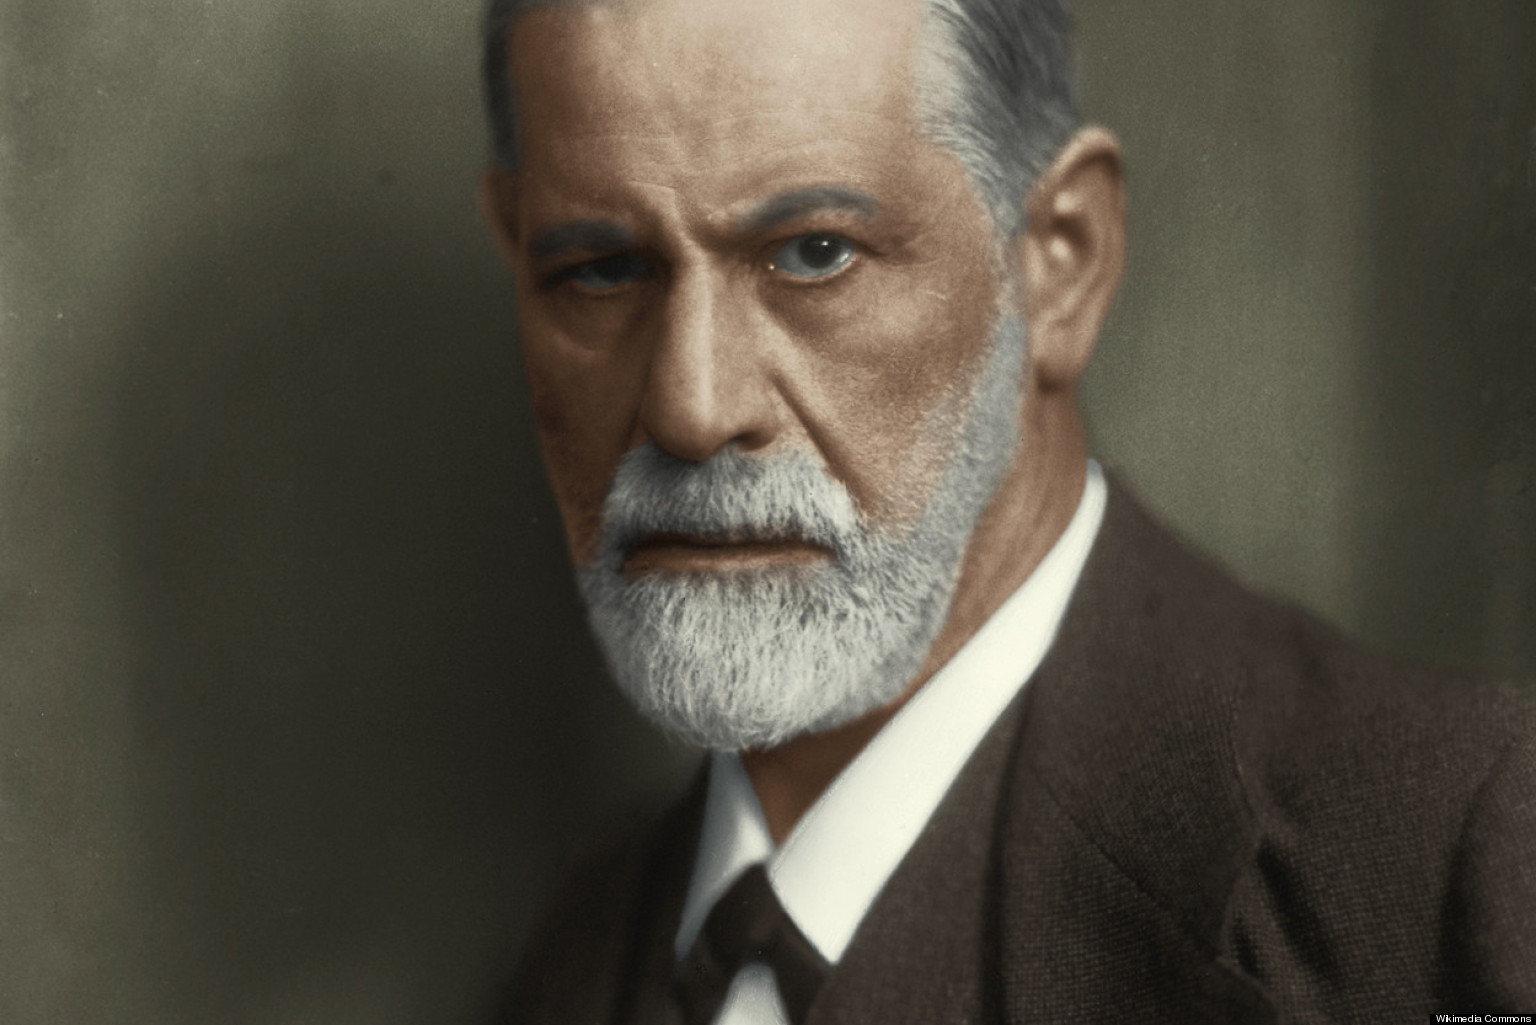 On the Trail of Sigmund Freud